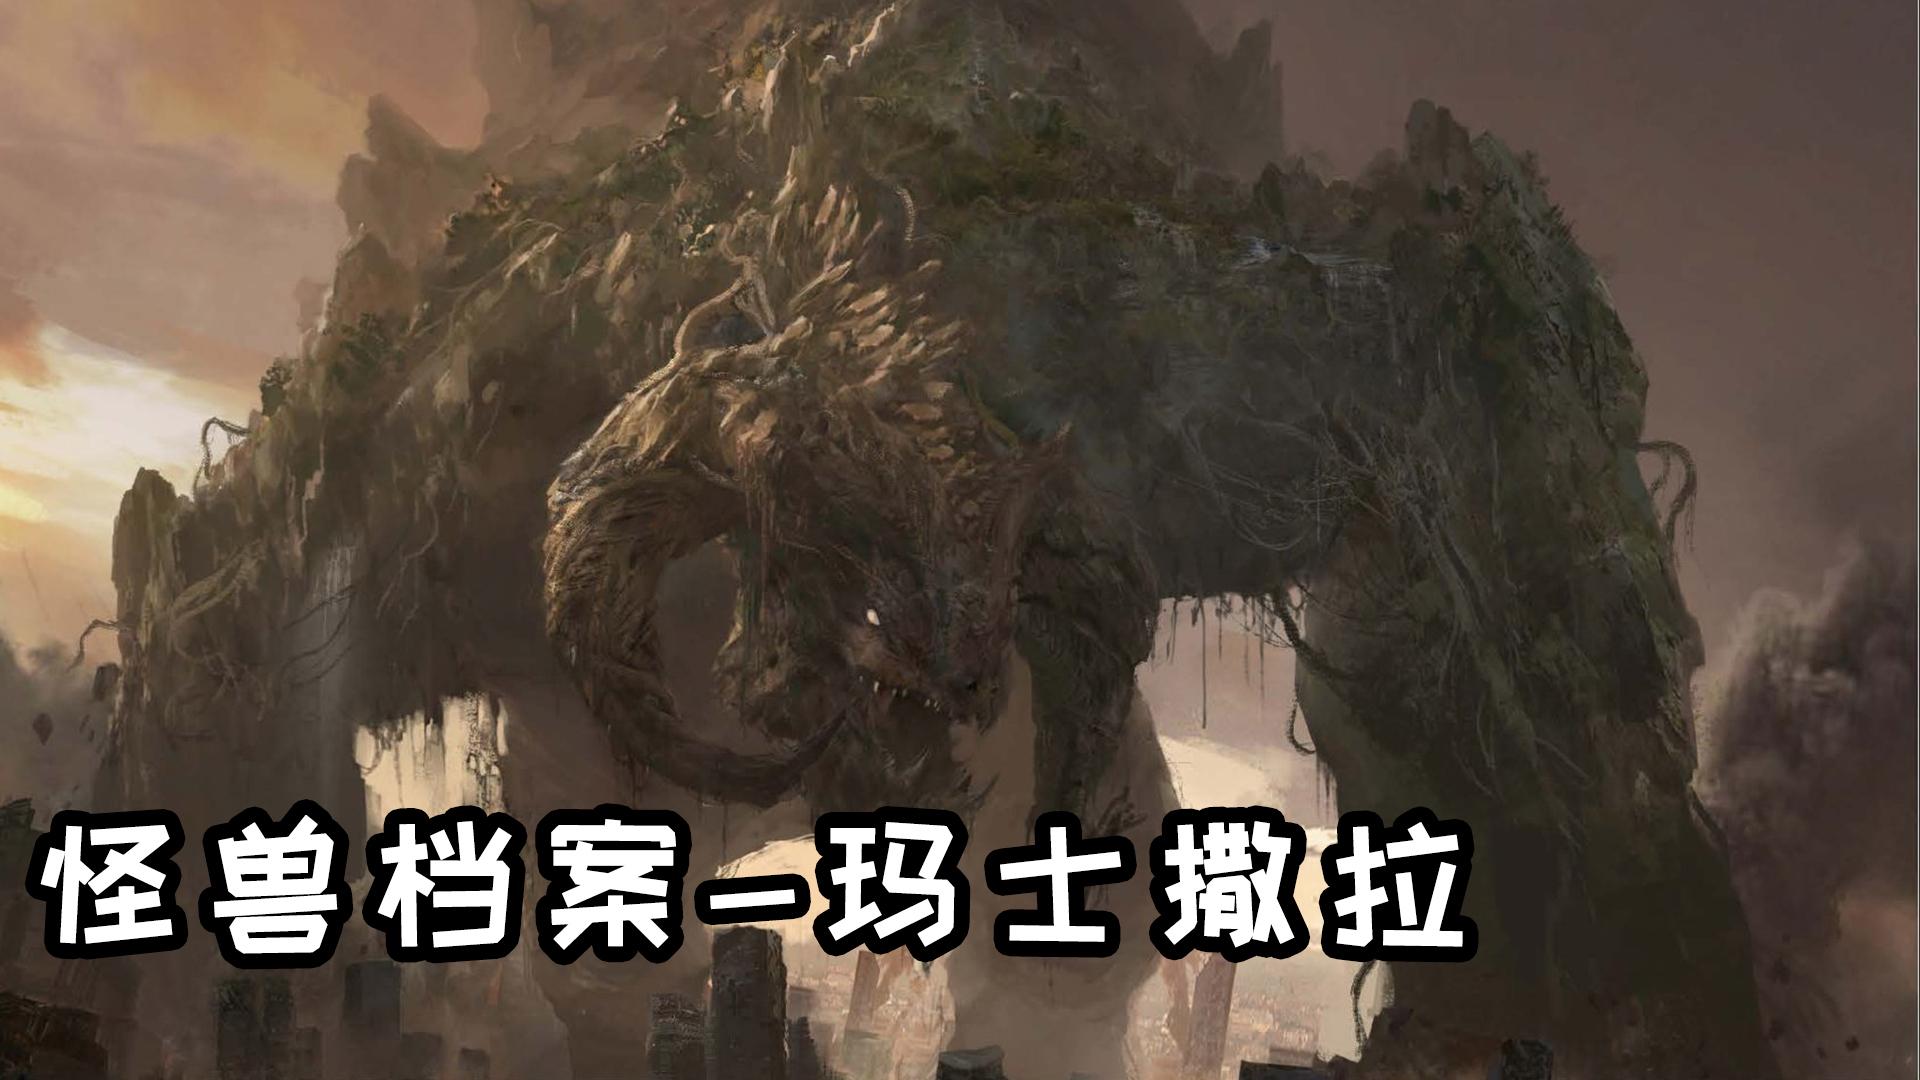 《哥斯拉》怪兽档案之玛士撒拉,最为古老的泰坦巨兽